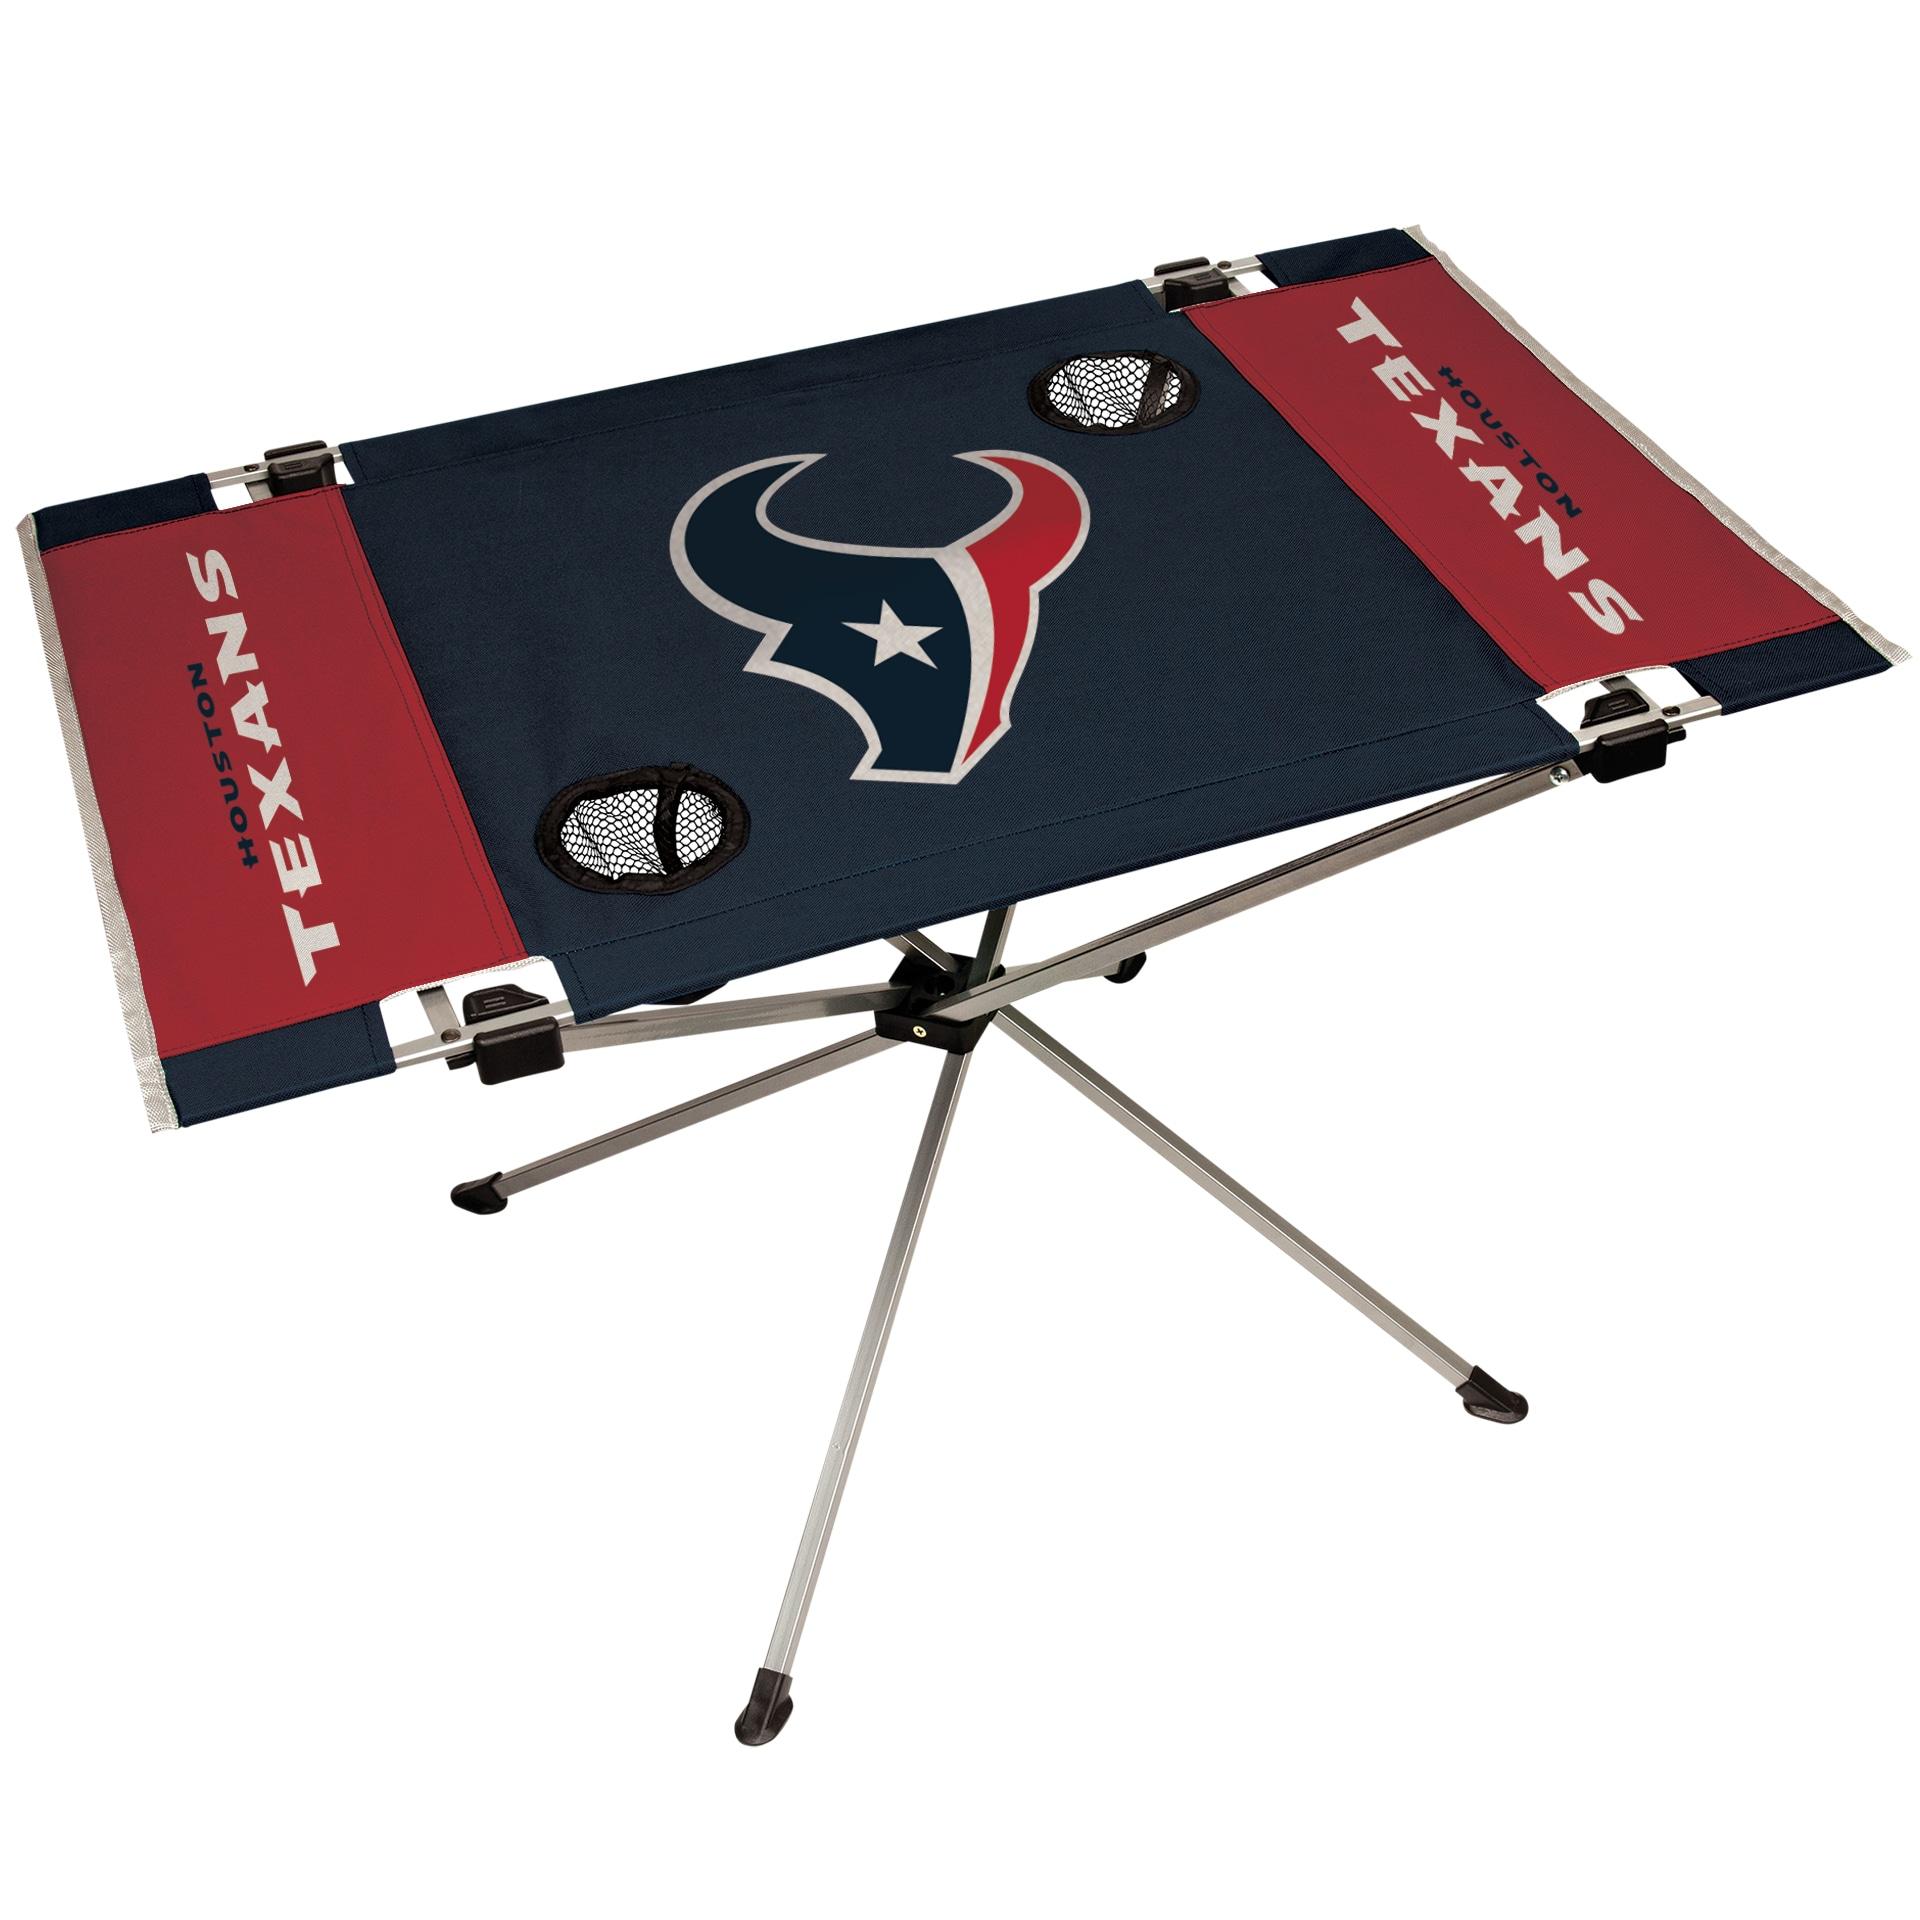 Houston Texans End Zone Table